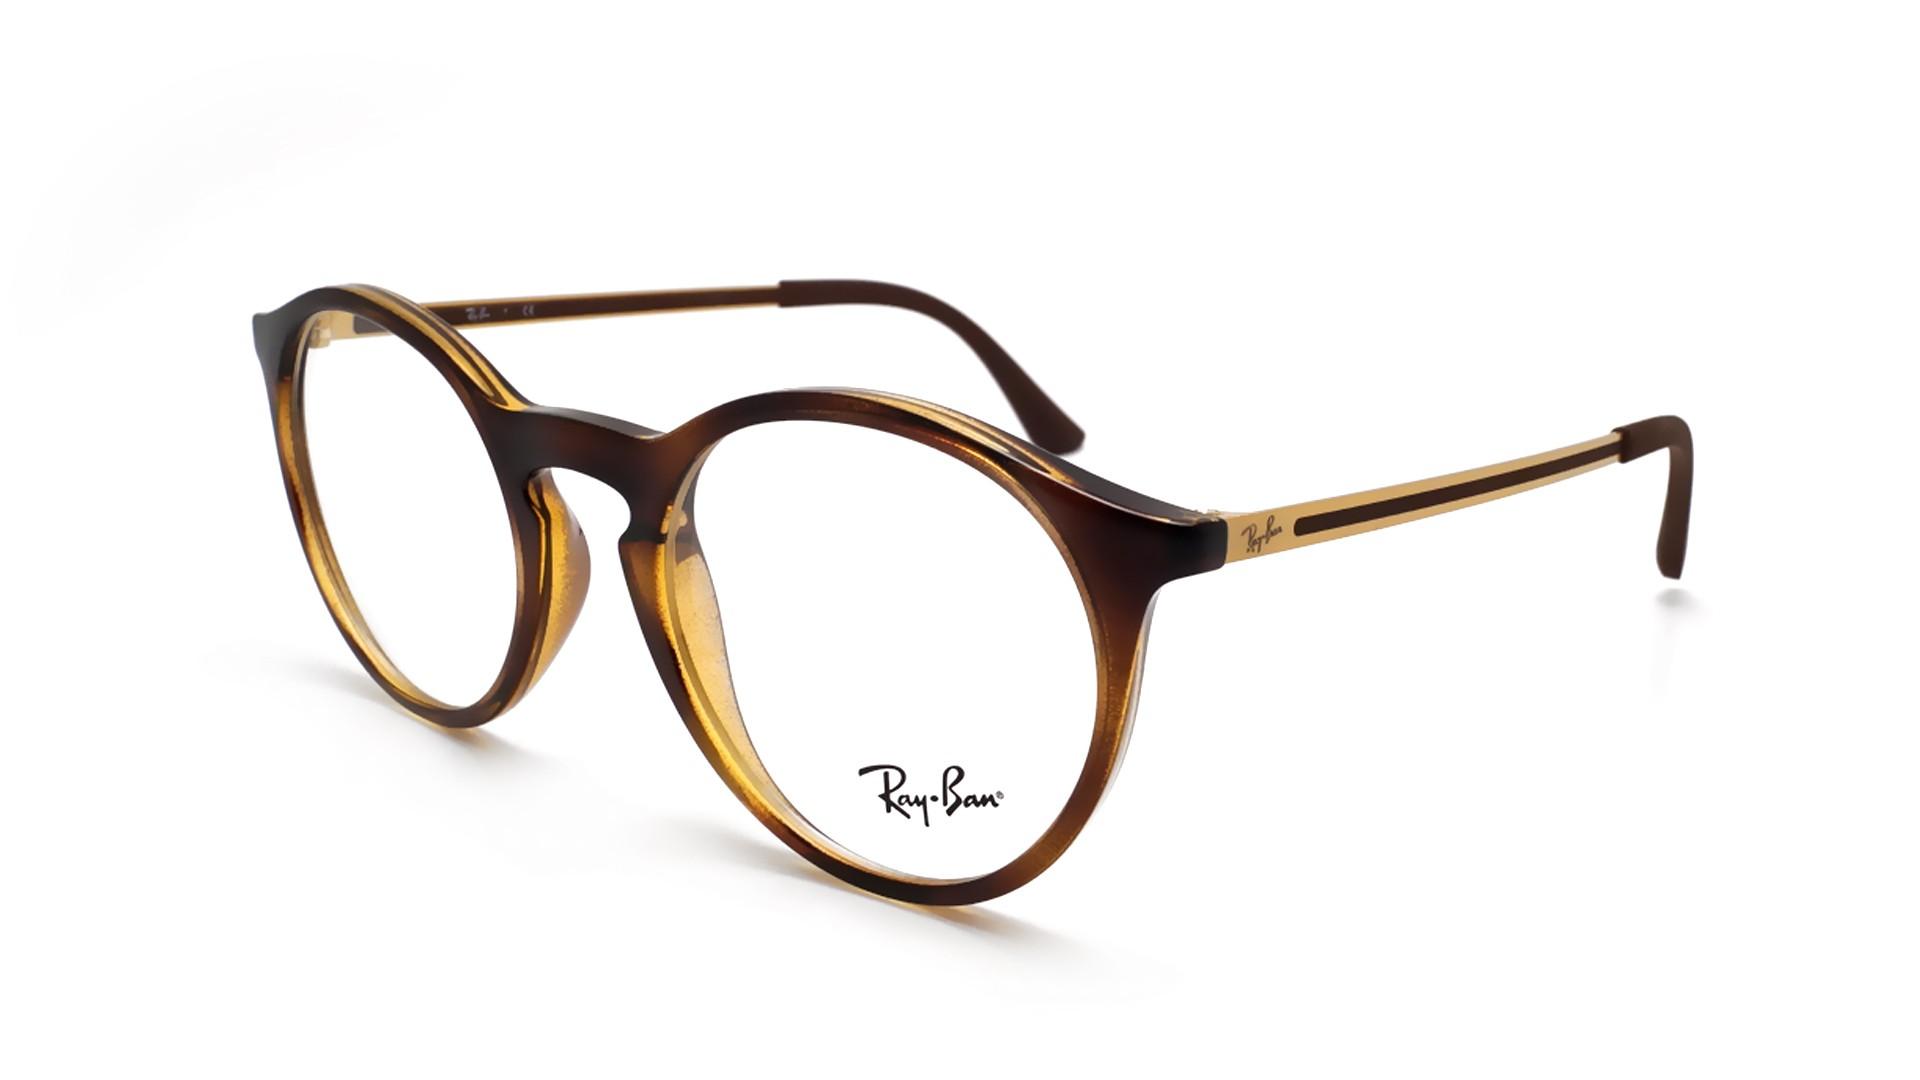 660a77a3b751e Eyeglasses Ray-Ban RX7132 RB7132 2012 48-20 Tortoise Small